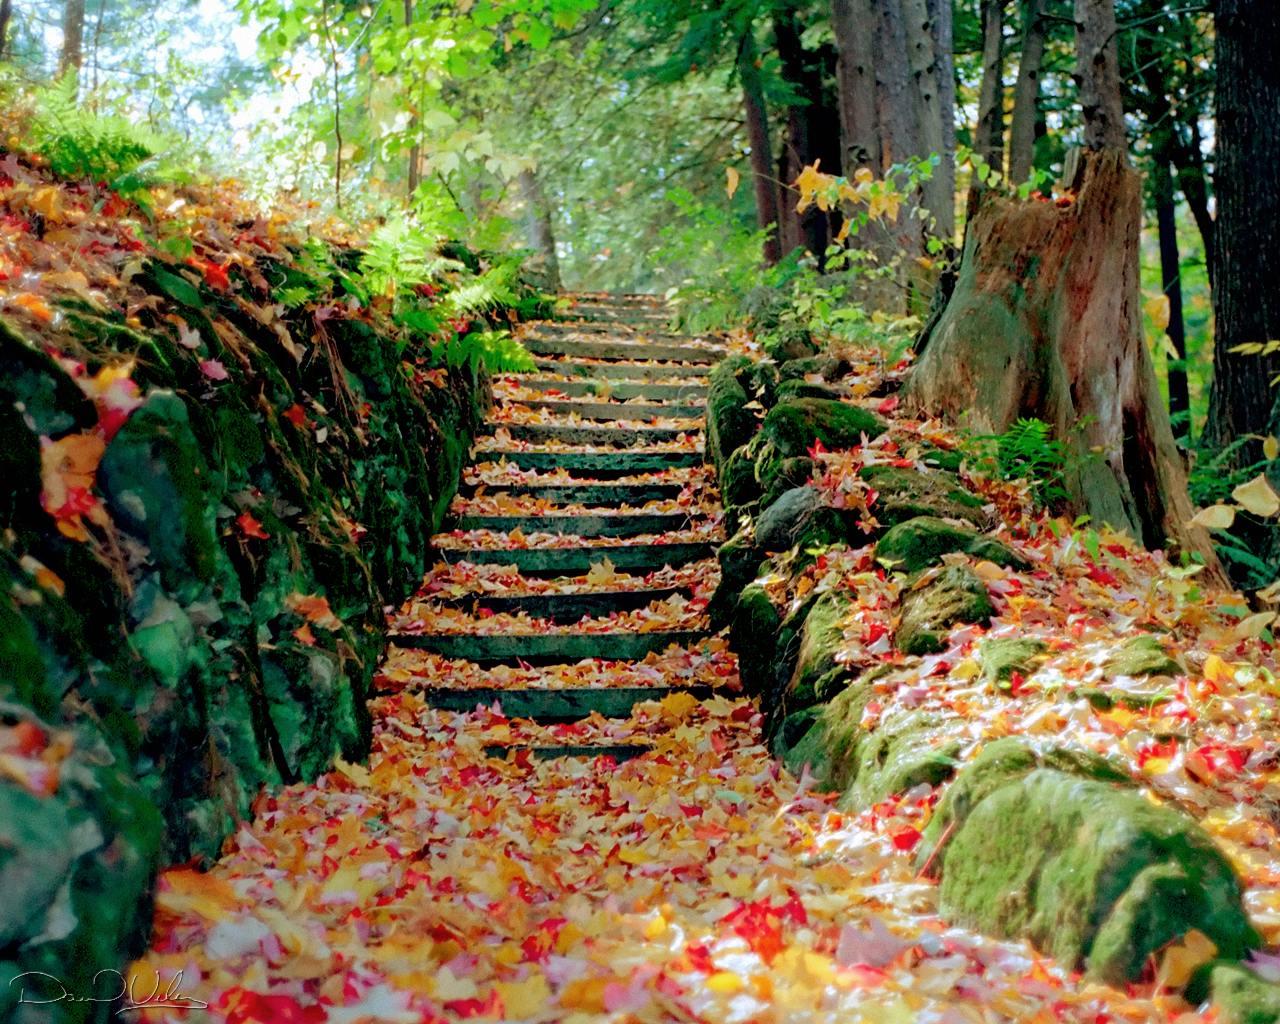 autumn season hd wallpaper autumn season hd wallpaper autumn season hd 1280x1024